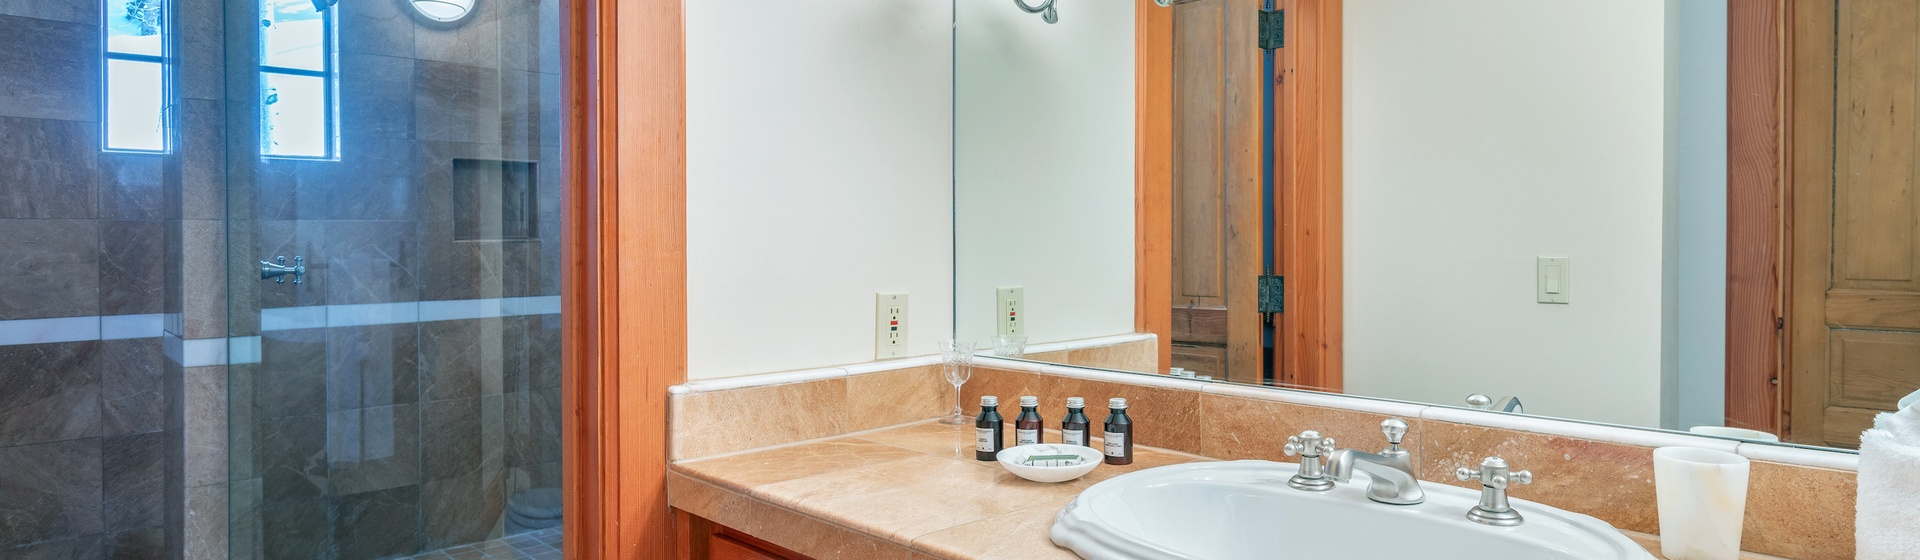 31-MountainVillage-Positive-Outlook-Queen-Master-Bathroom-Web.jpg